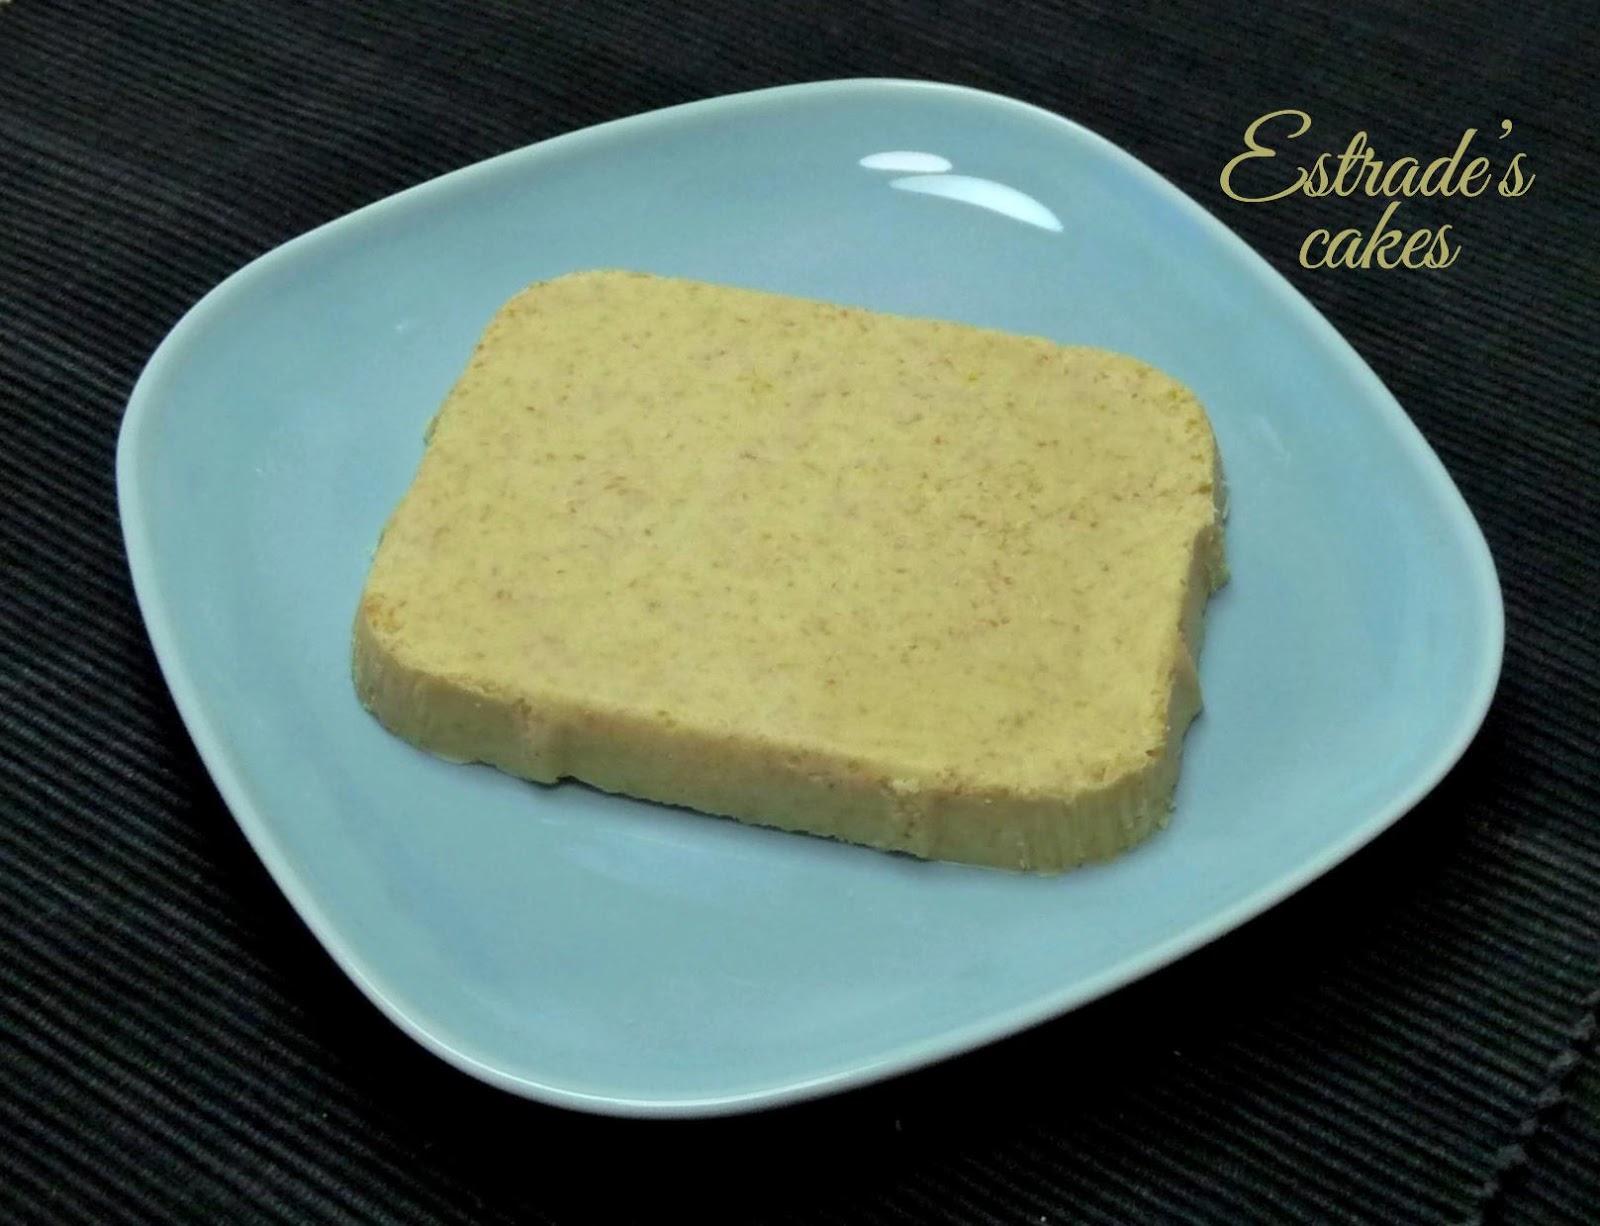 receta de turrón de chocolate blanco y coco -2